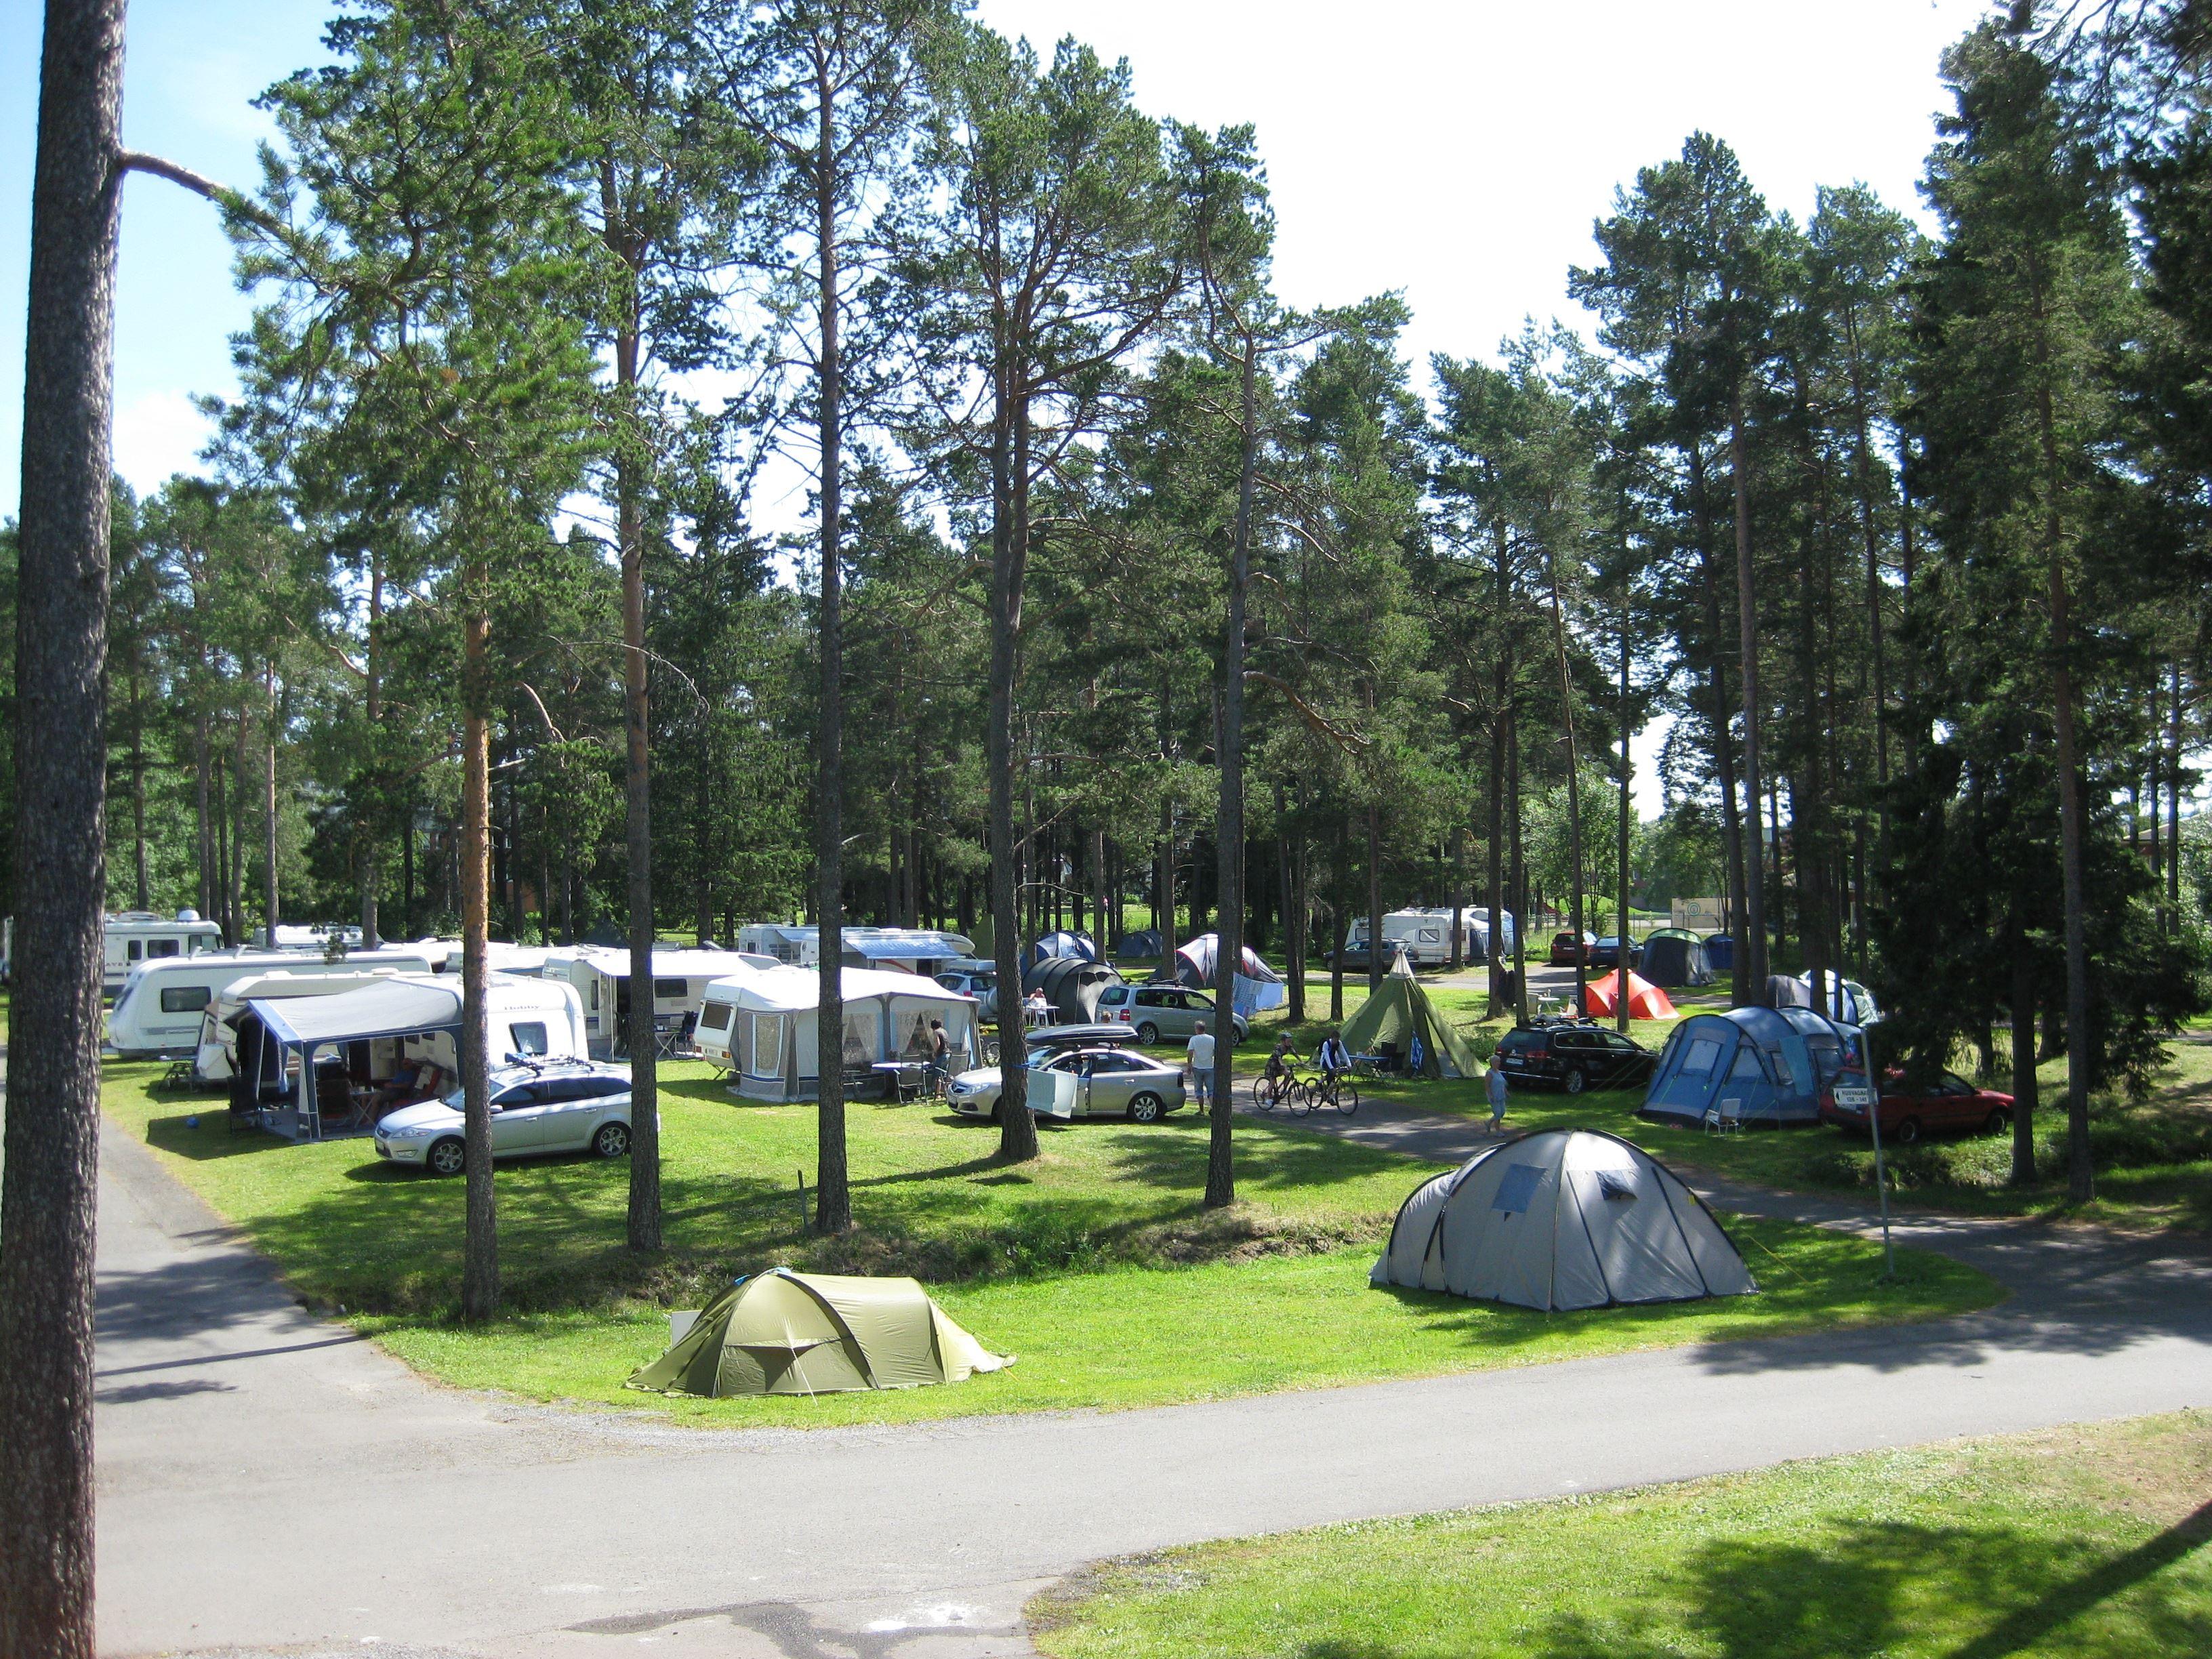 Foto: Östersunds Stugby & Camping,  © Copy:Östersunds Stugby & Camping, Östersunds Stugby & Camping